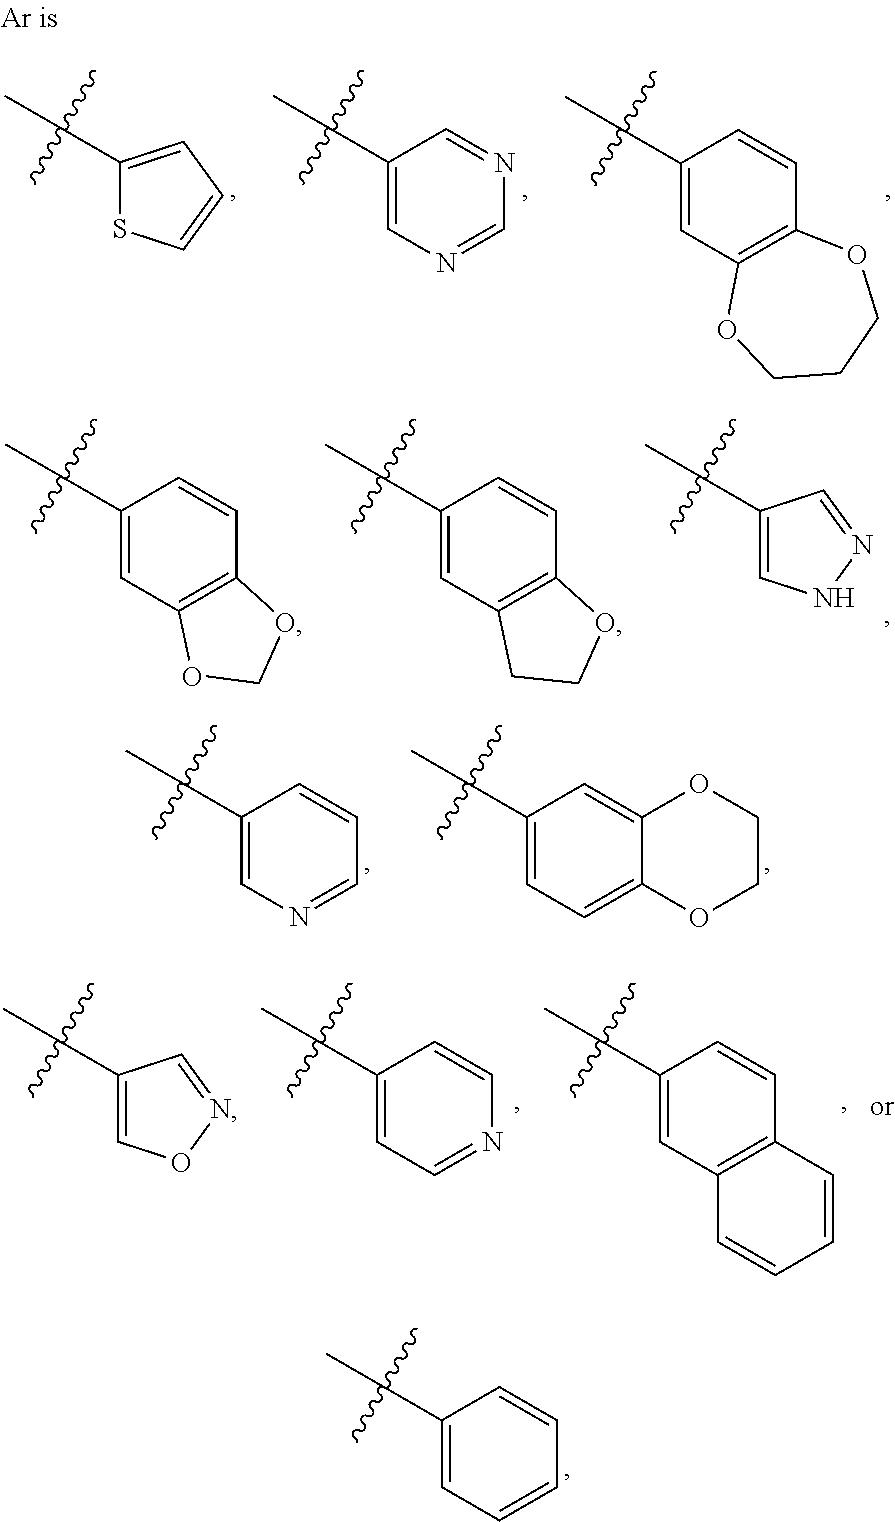 Figure US20110065162A1-20110317-C00008